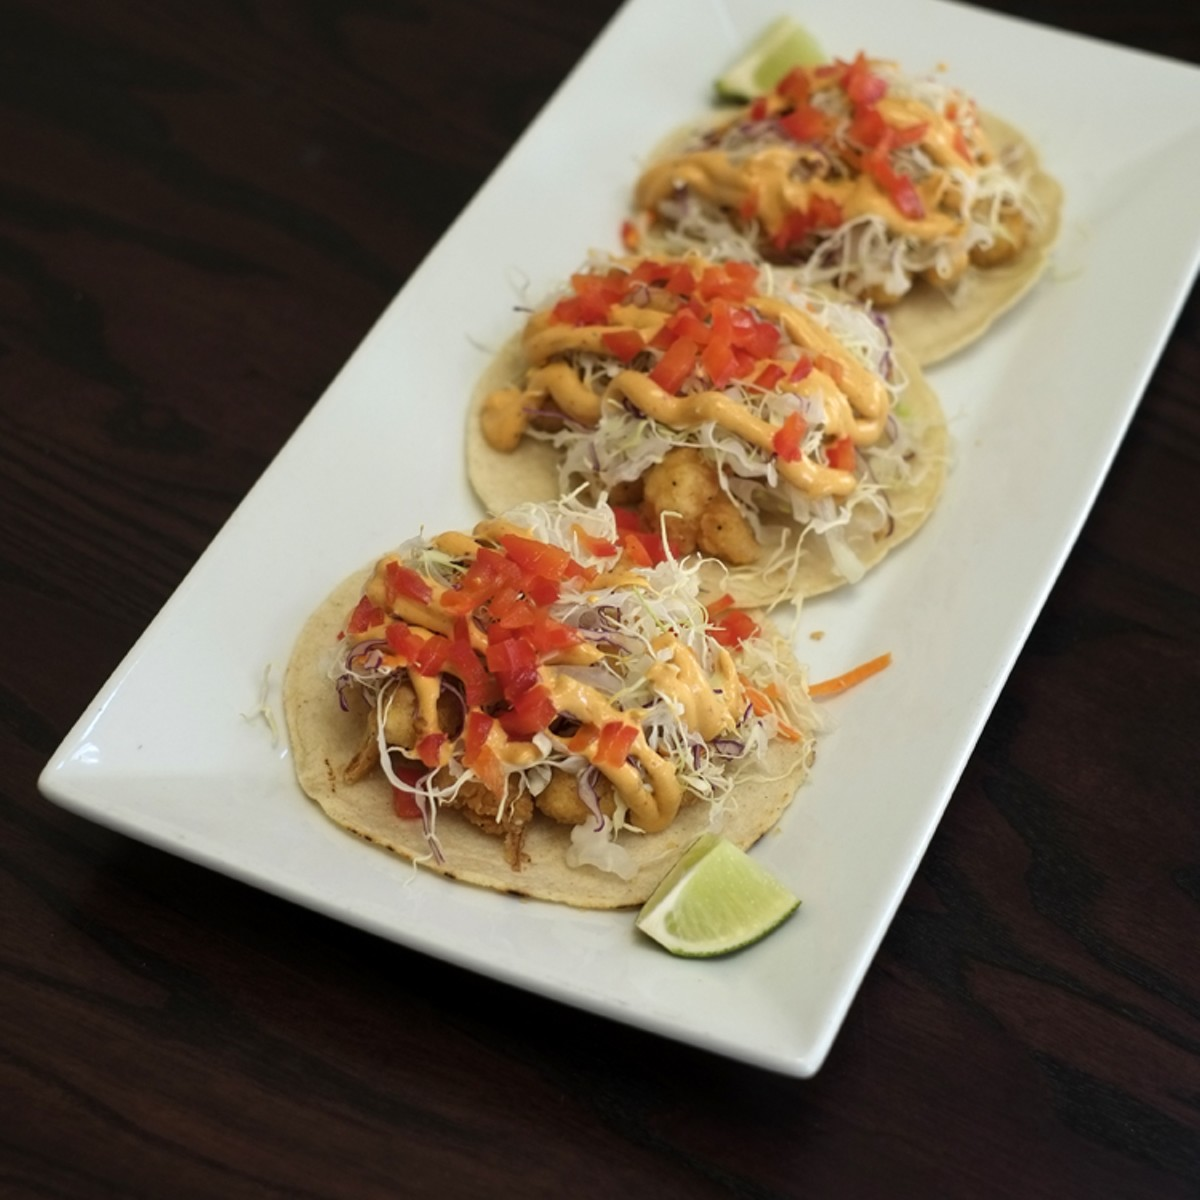 Cauli-frito tacos at Cocina 214 (photo via Cocina 214)